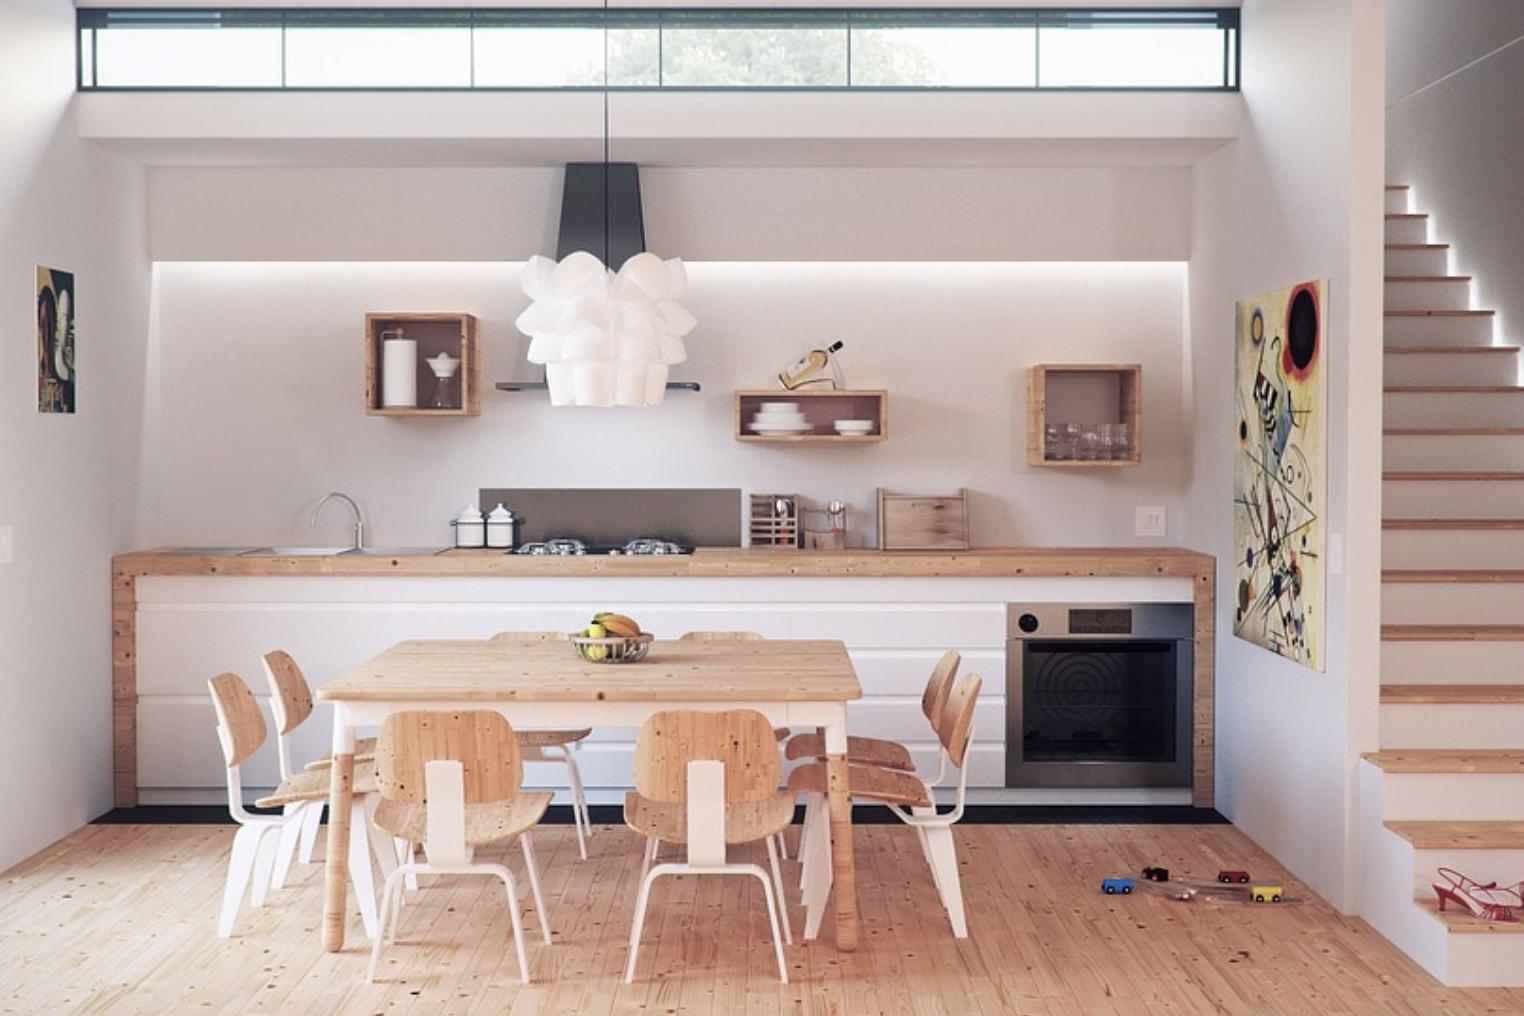 """Ambiance Et Deco Idron comment recréer le style """"loft new-yorkais"""" ? - imagine"""